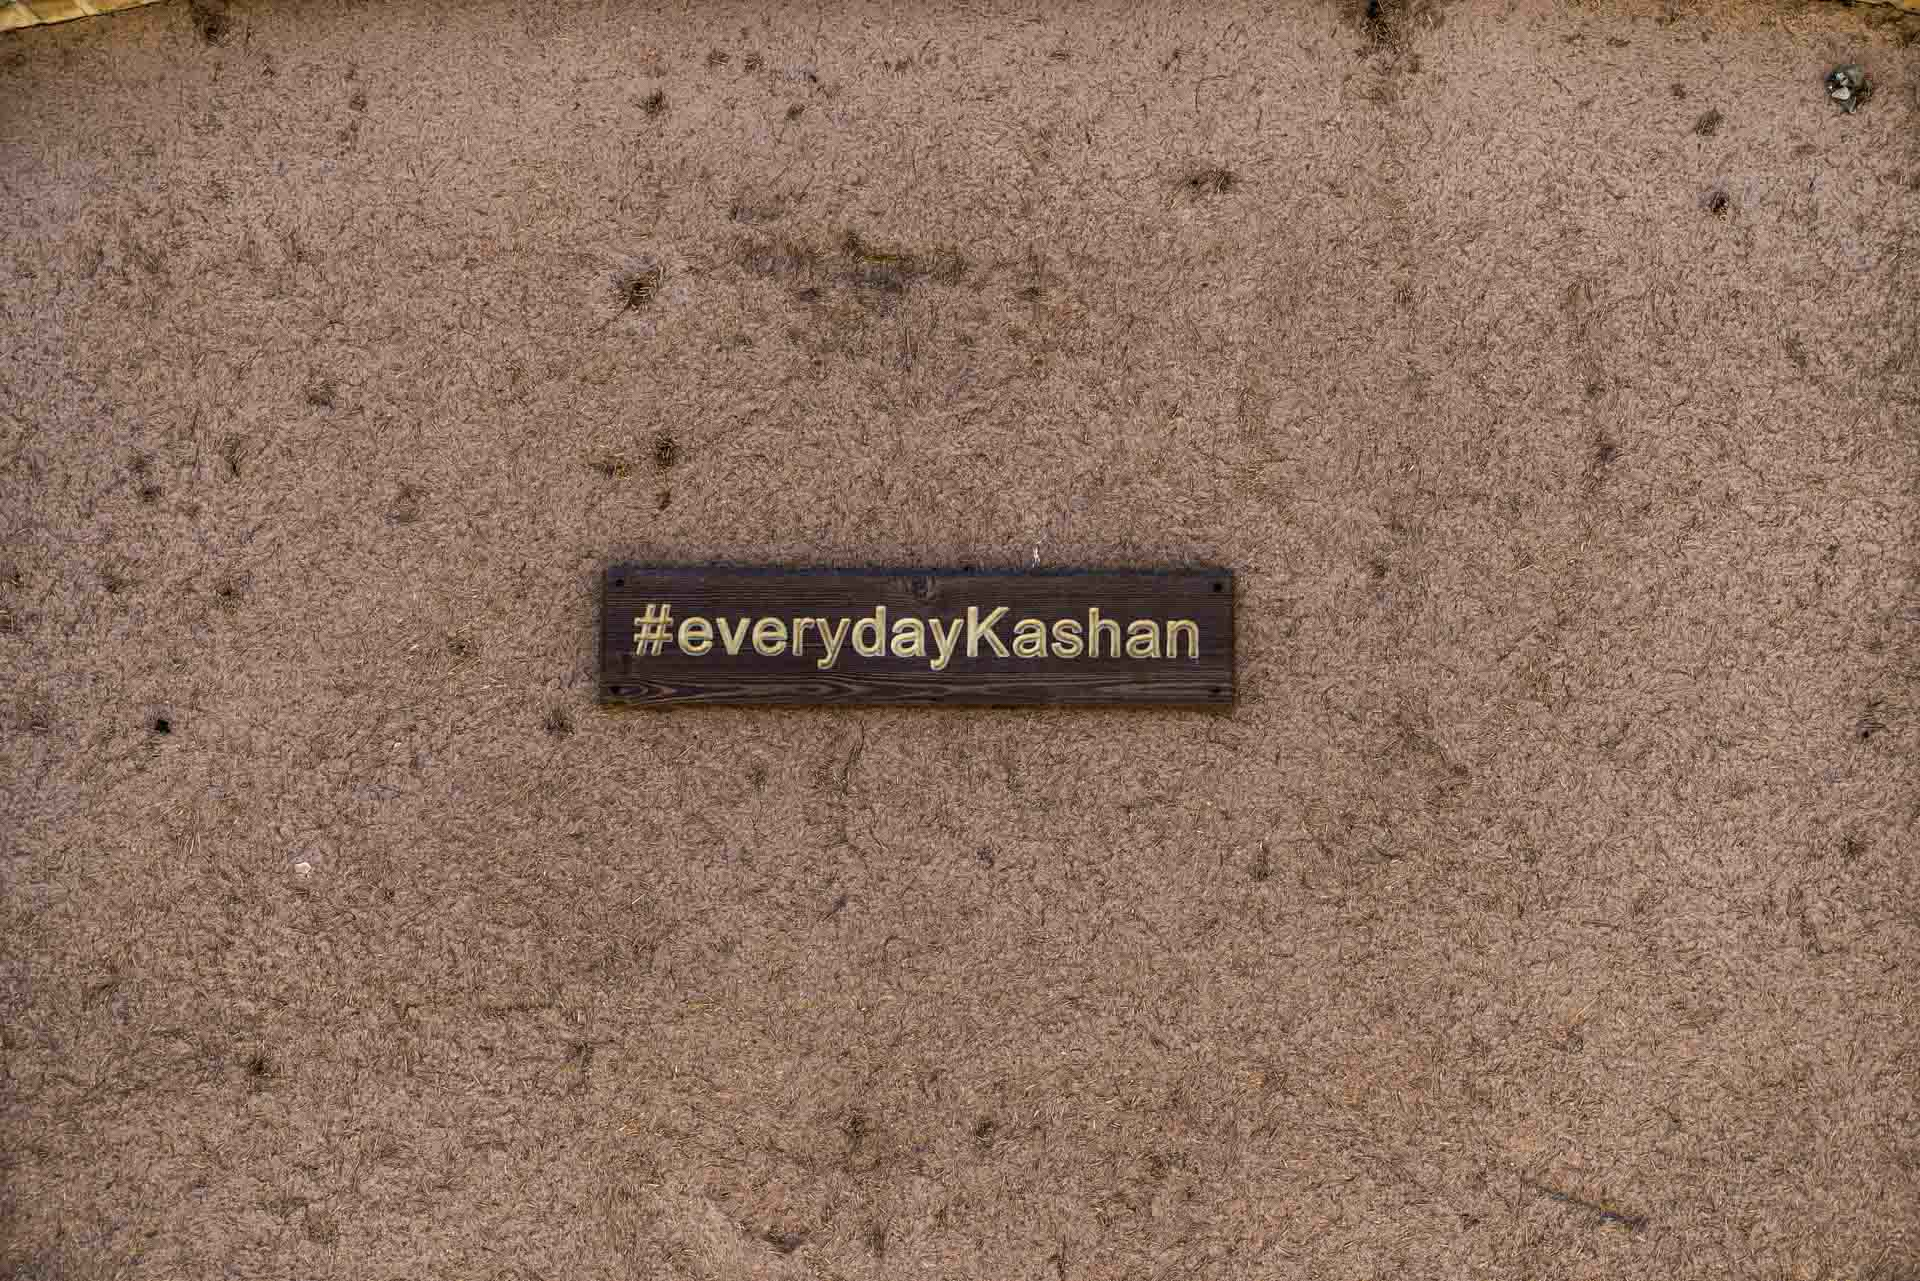 #everydaykashan, kashan, iran, pescart, photo blog, travel blog, blog, photo travel blog, enrico pescantini, pescantini